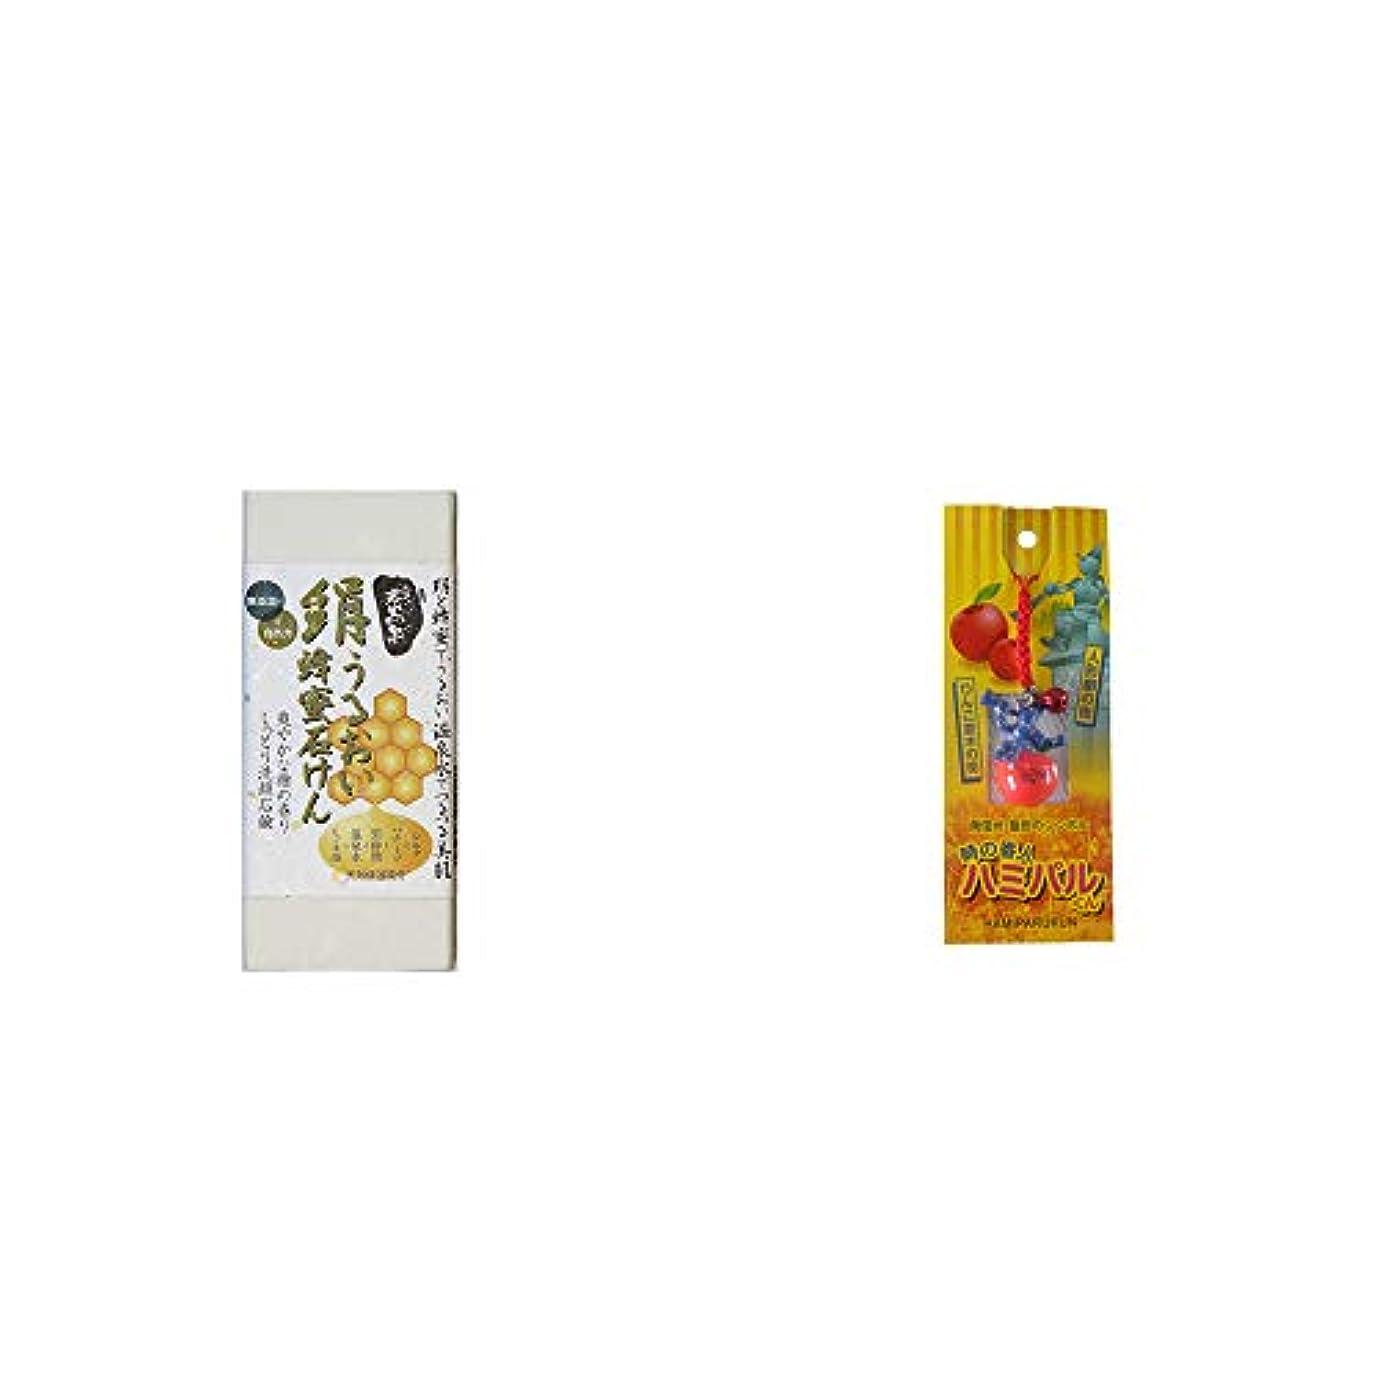 重量モスクファランクス[2点セット] ひのき炭黒泉 絹うるおい蜂蜜石けん(75g×2)?信州?飯田のシンボル 時の番人ハミパルくんストラップ